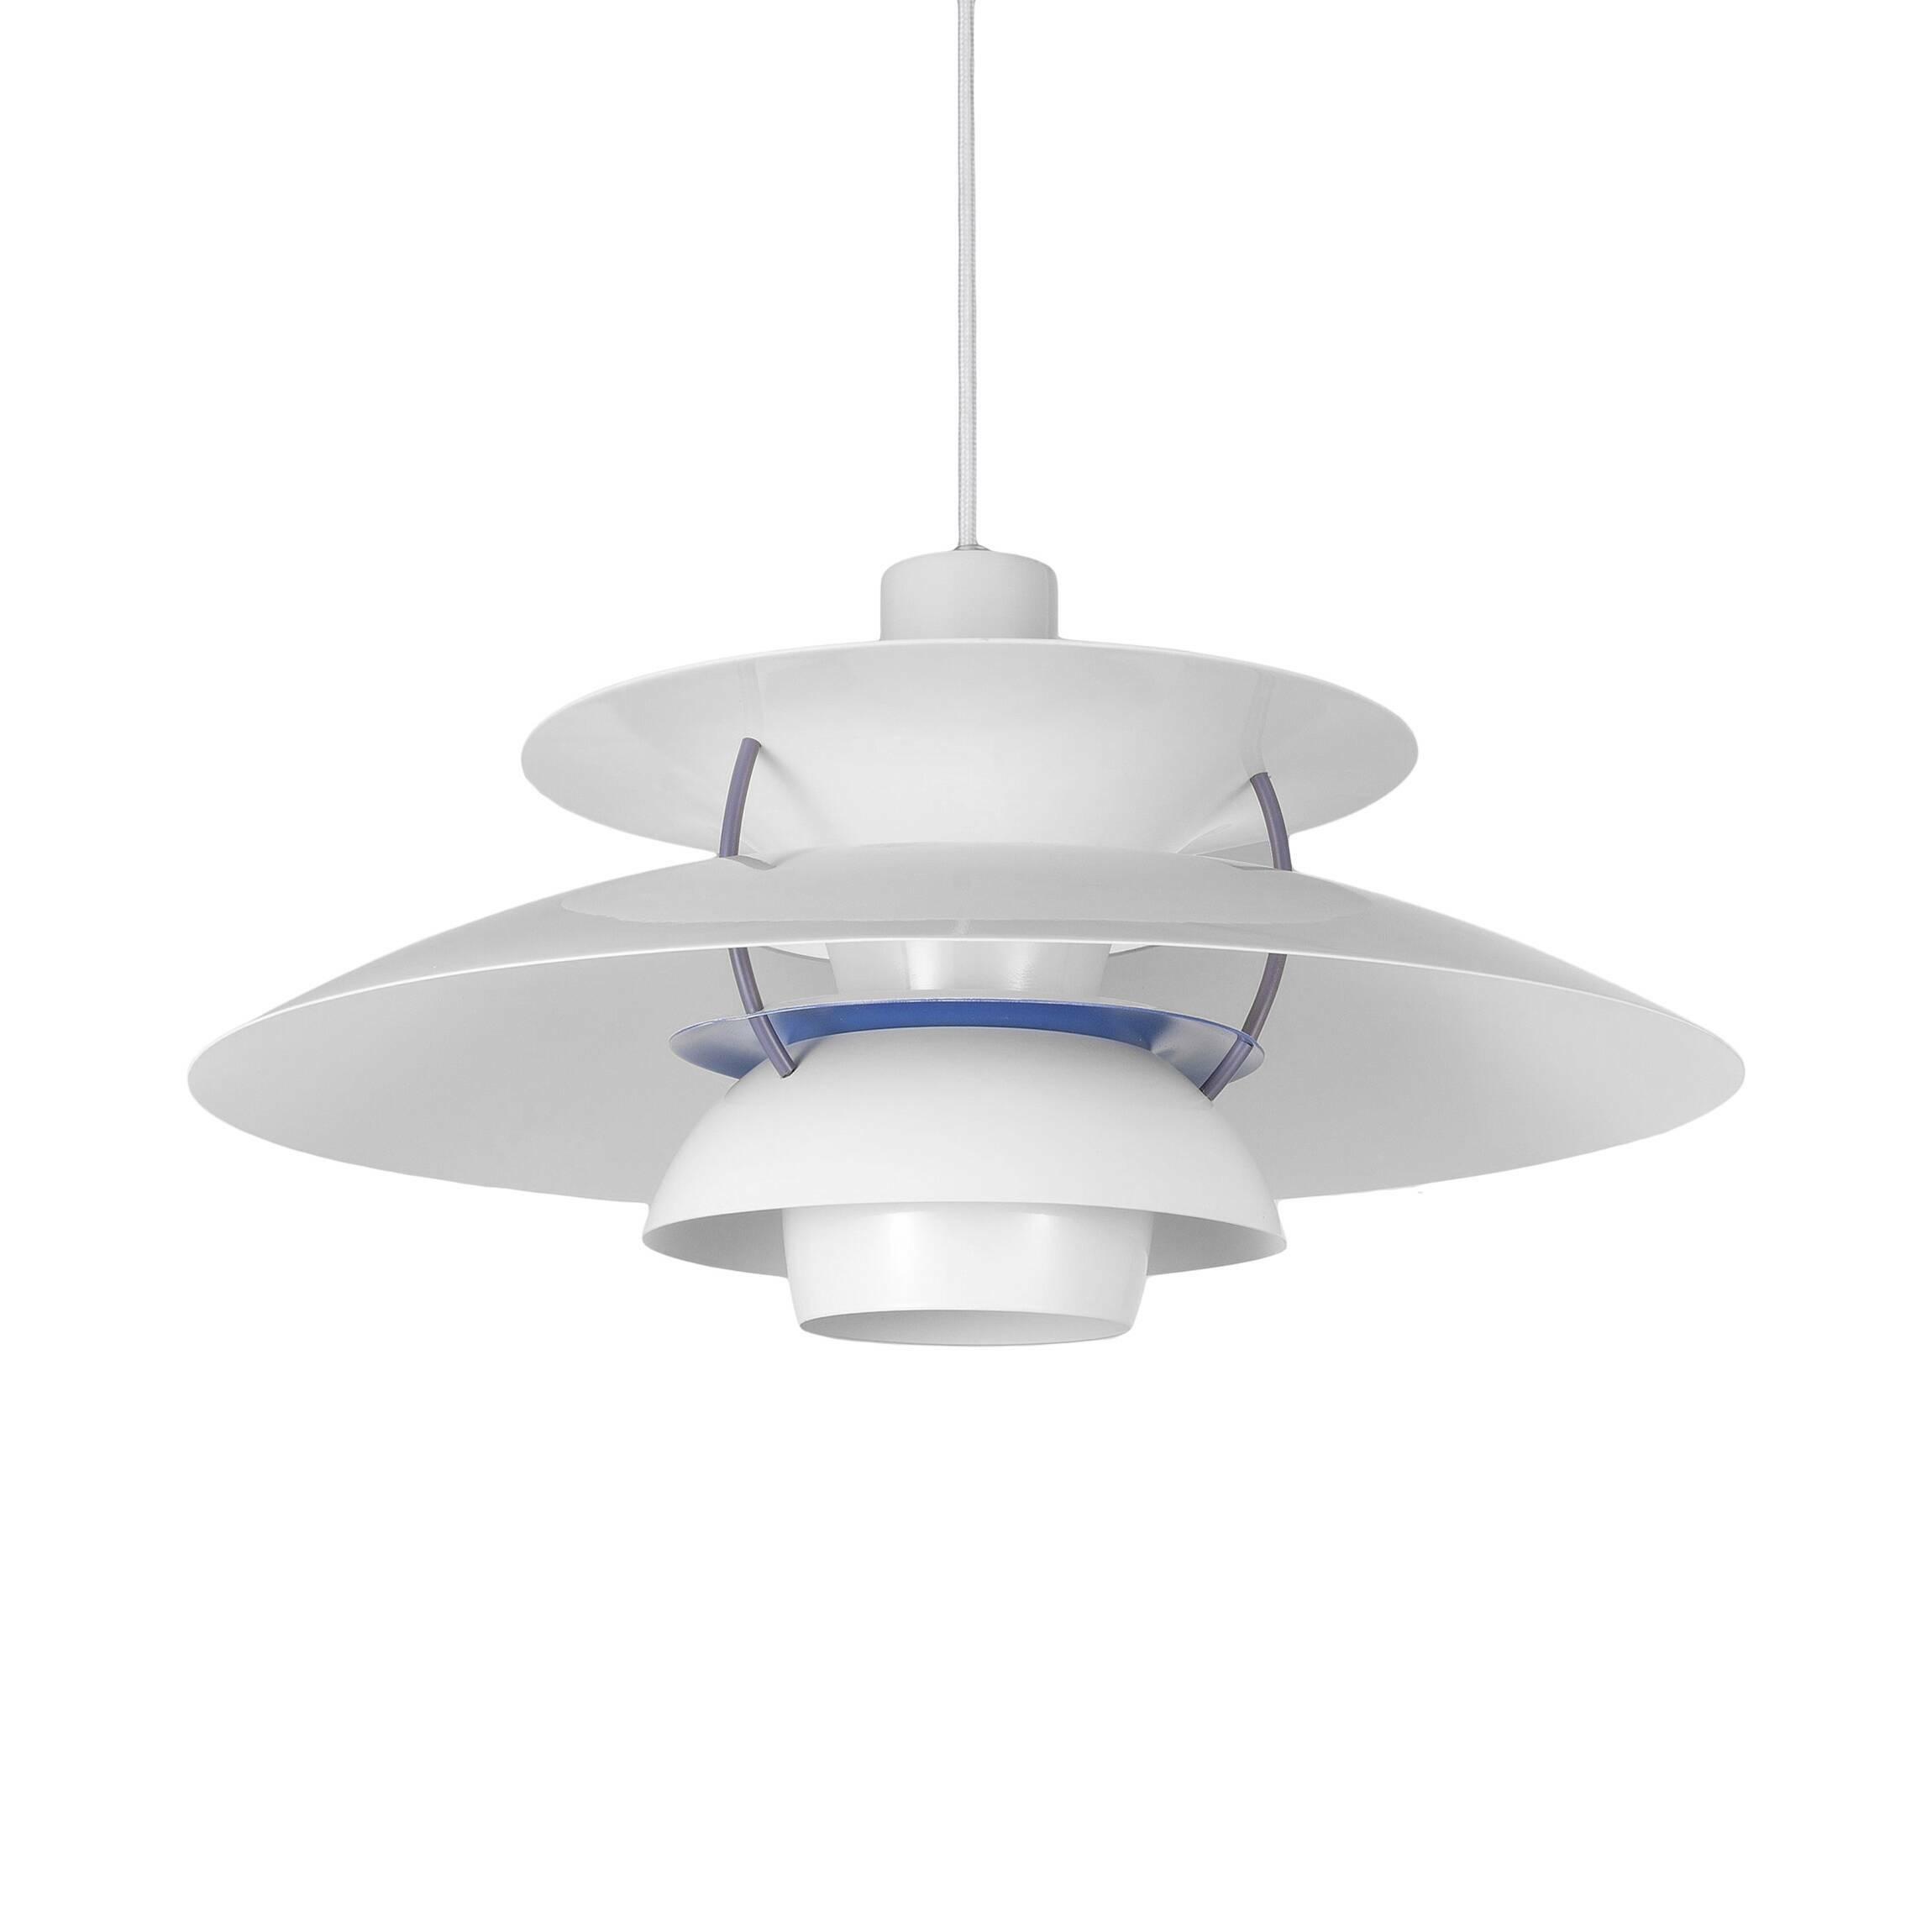 Подвесной светильник PH 5Подвесные<br>Подвесной светильник PH 5 — это одна из самых известных моделей светильников, созданных знаменитым скандинавским дизайнером Поулем Хеннингсеном. Главные принципы, которыми руководствовался мастер при создании своих творений, заключаются в том, что освещение должно быть ярким, но мягким и приятным глазу. Светильники дизайнера дают спокойный, яркий и равномерный свет, который выгодно подчеркивает интерьер и создает в нем приятную дружелюбную атмосферу.<br><br><br> Подвесной светильник PH 5 изготов...<br><br>stock: 0<br>Высота: 28<br>Диаметр: 50<br>Доп. цвет абажура: Голубой<br>Материал абажура: Алюминий<br>Ламп в комплекте: Нет<br>Цвет абажура: Белый матовый<br>Цвет провода: Белый